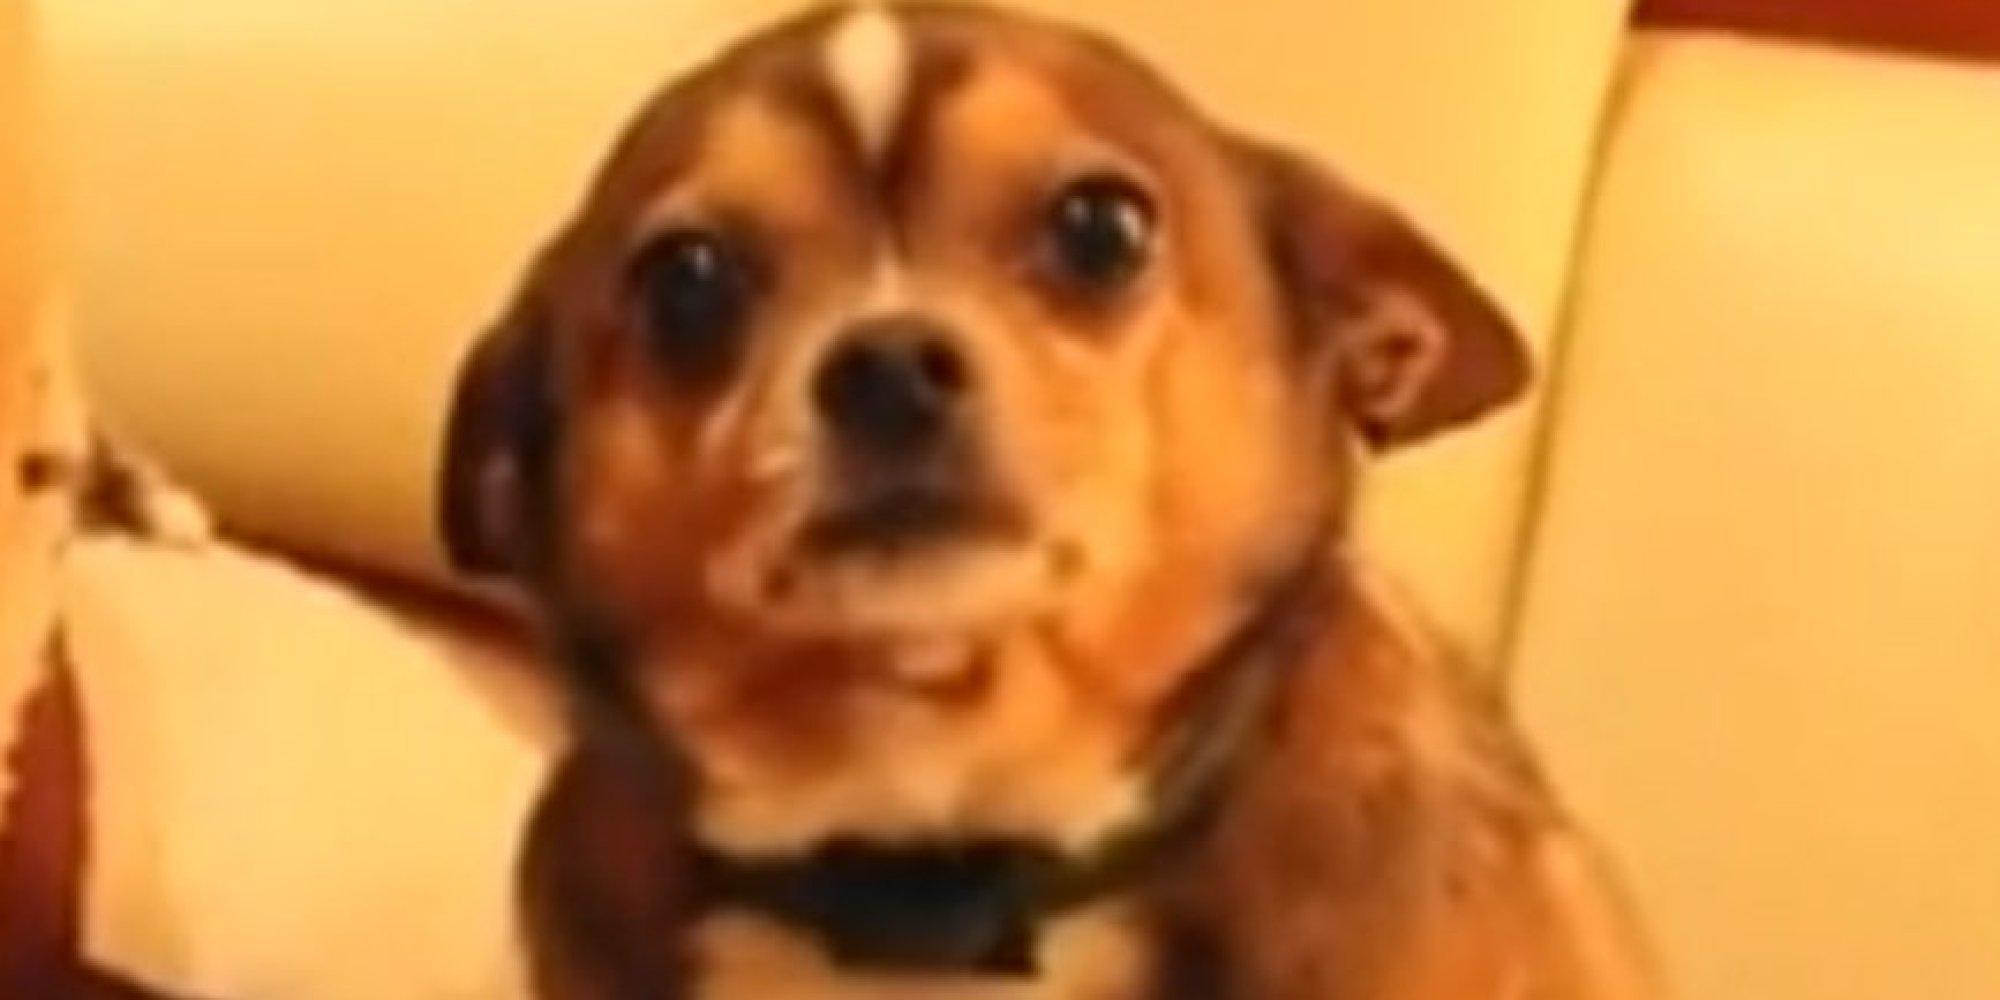 Fullsize Of Denver The Guilty Dog